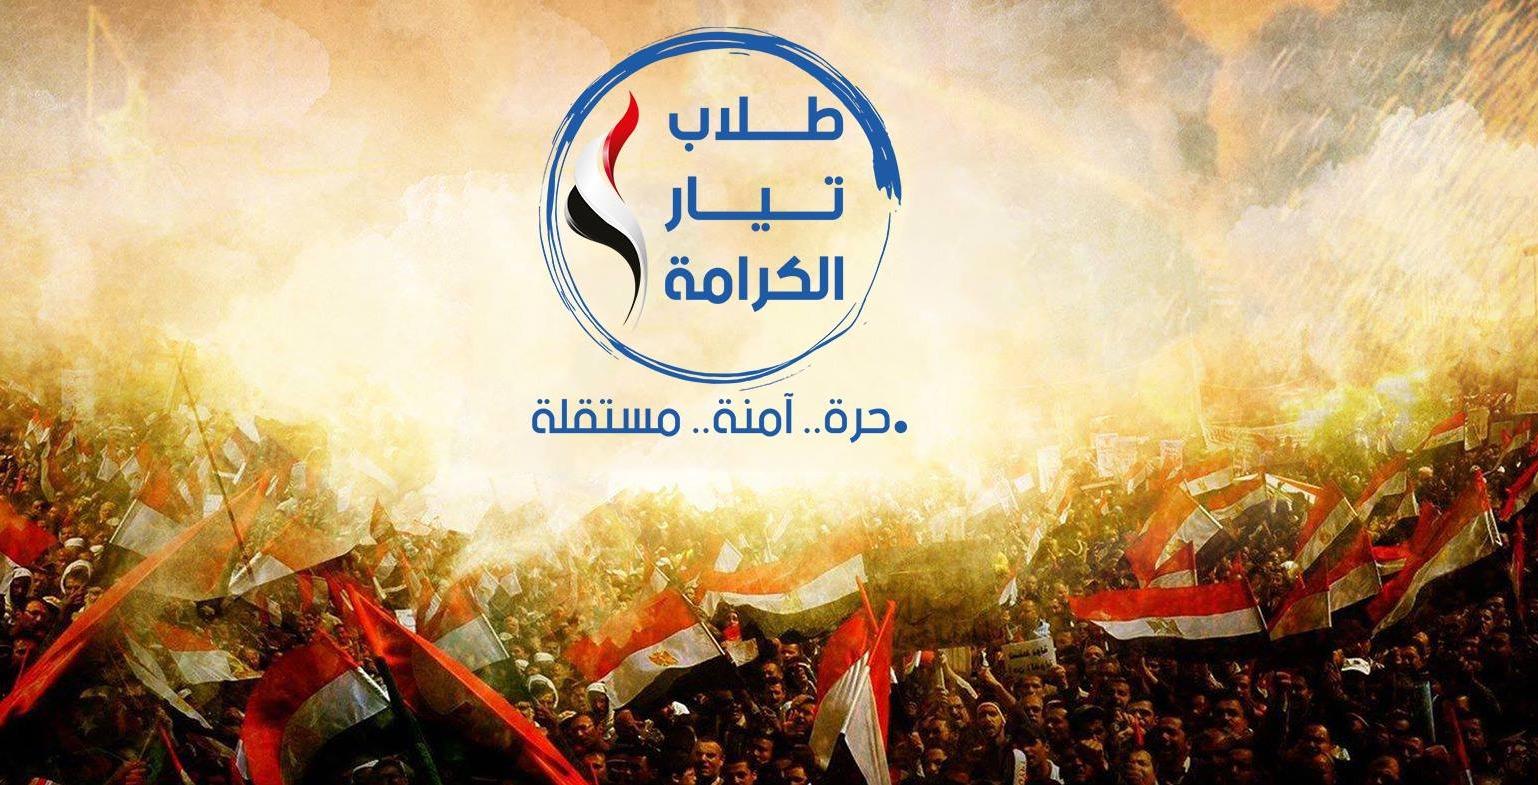 طلاب تيار الكرامة: استبعاد 90% من مرشحينا للاتحاد لصالح  كيان «من أجل مصر»